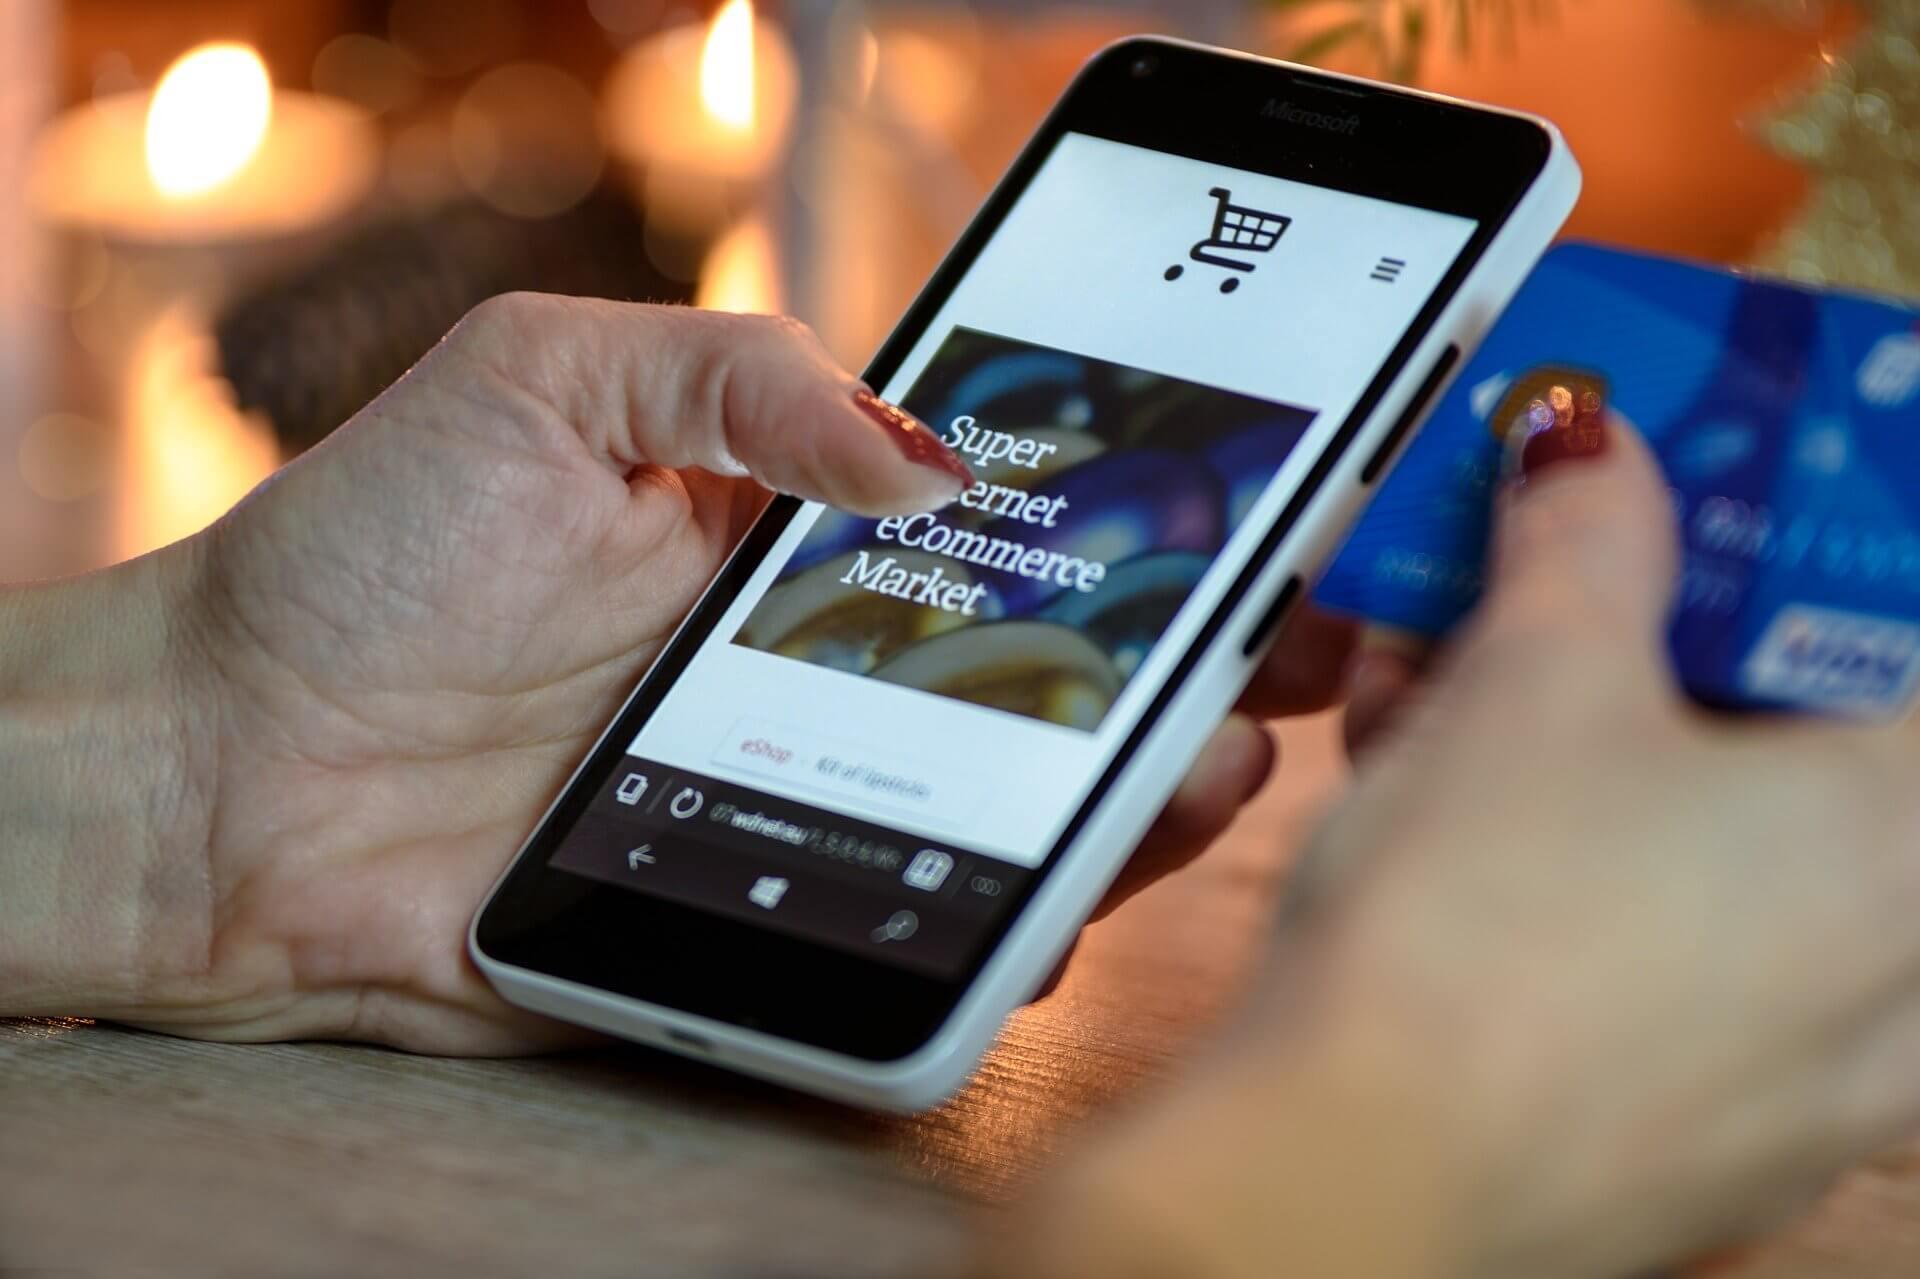 O zakupach w internecie. Siła i zalety branży e-commerce